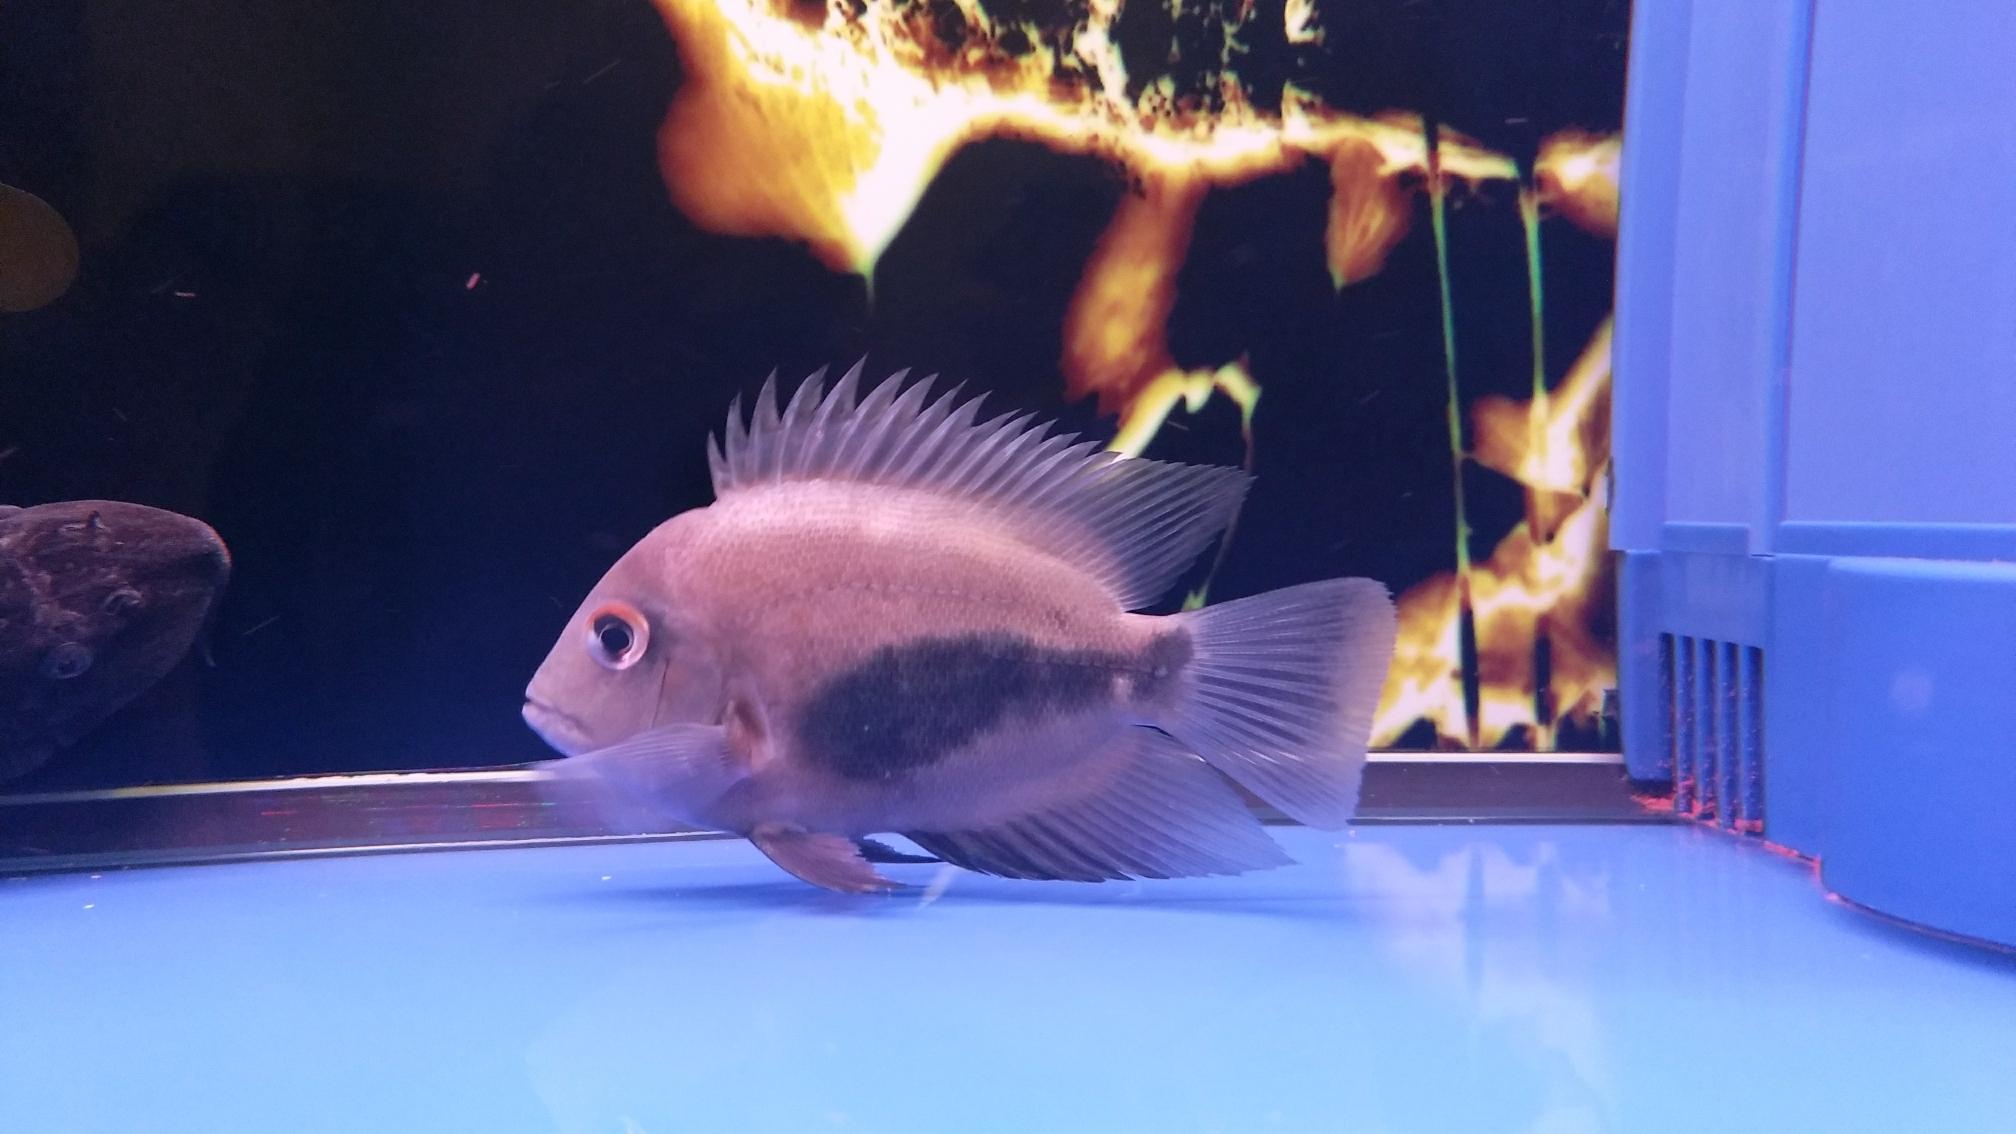 新添红白鹦鹉鱼 合肥观赏鱼 合肥龙鱼第9张